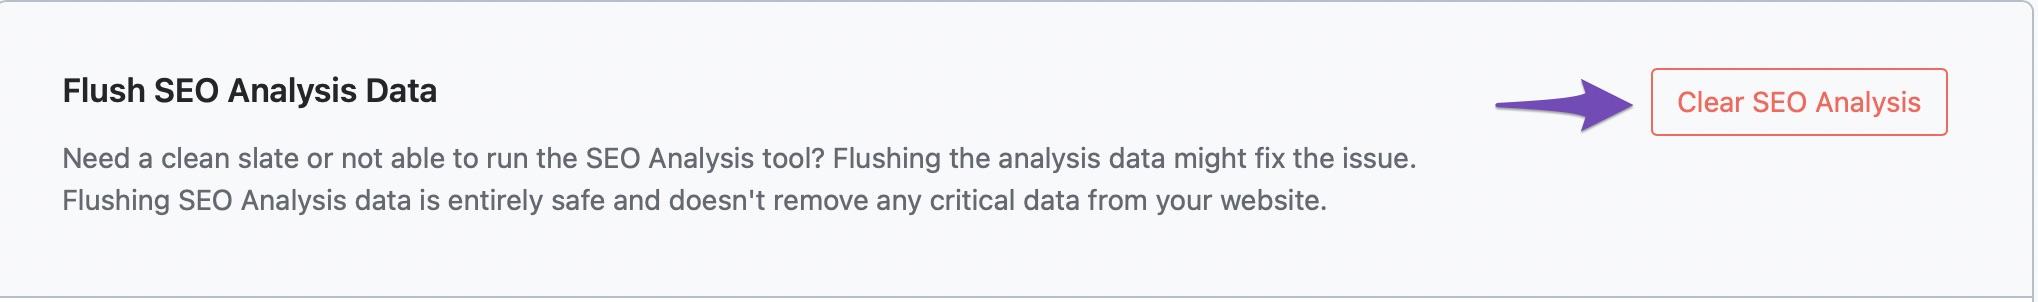 Flush SEO Analysis